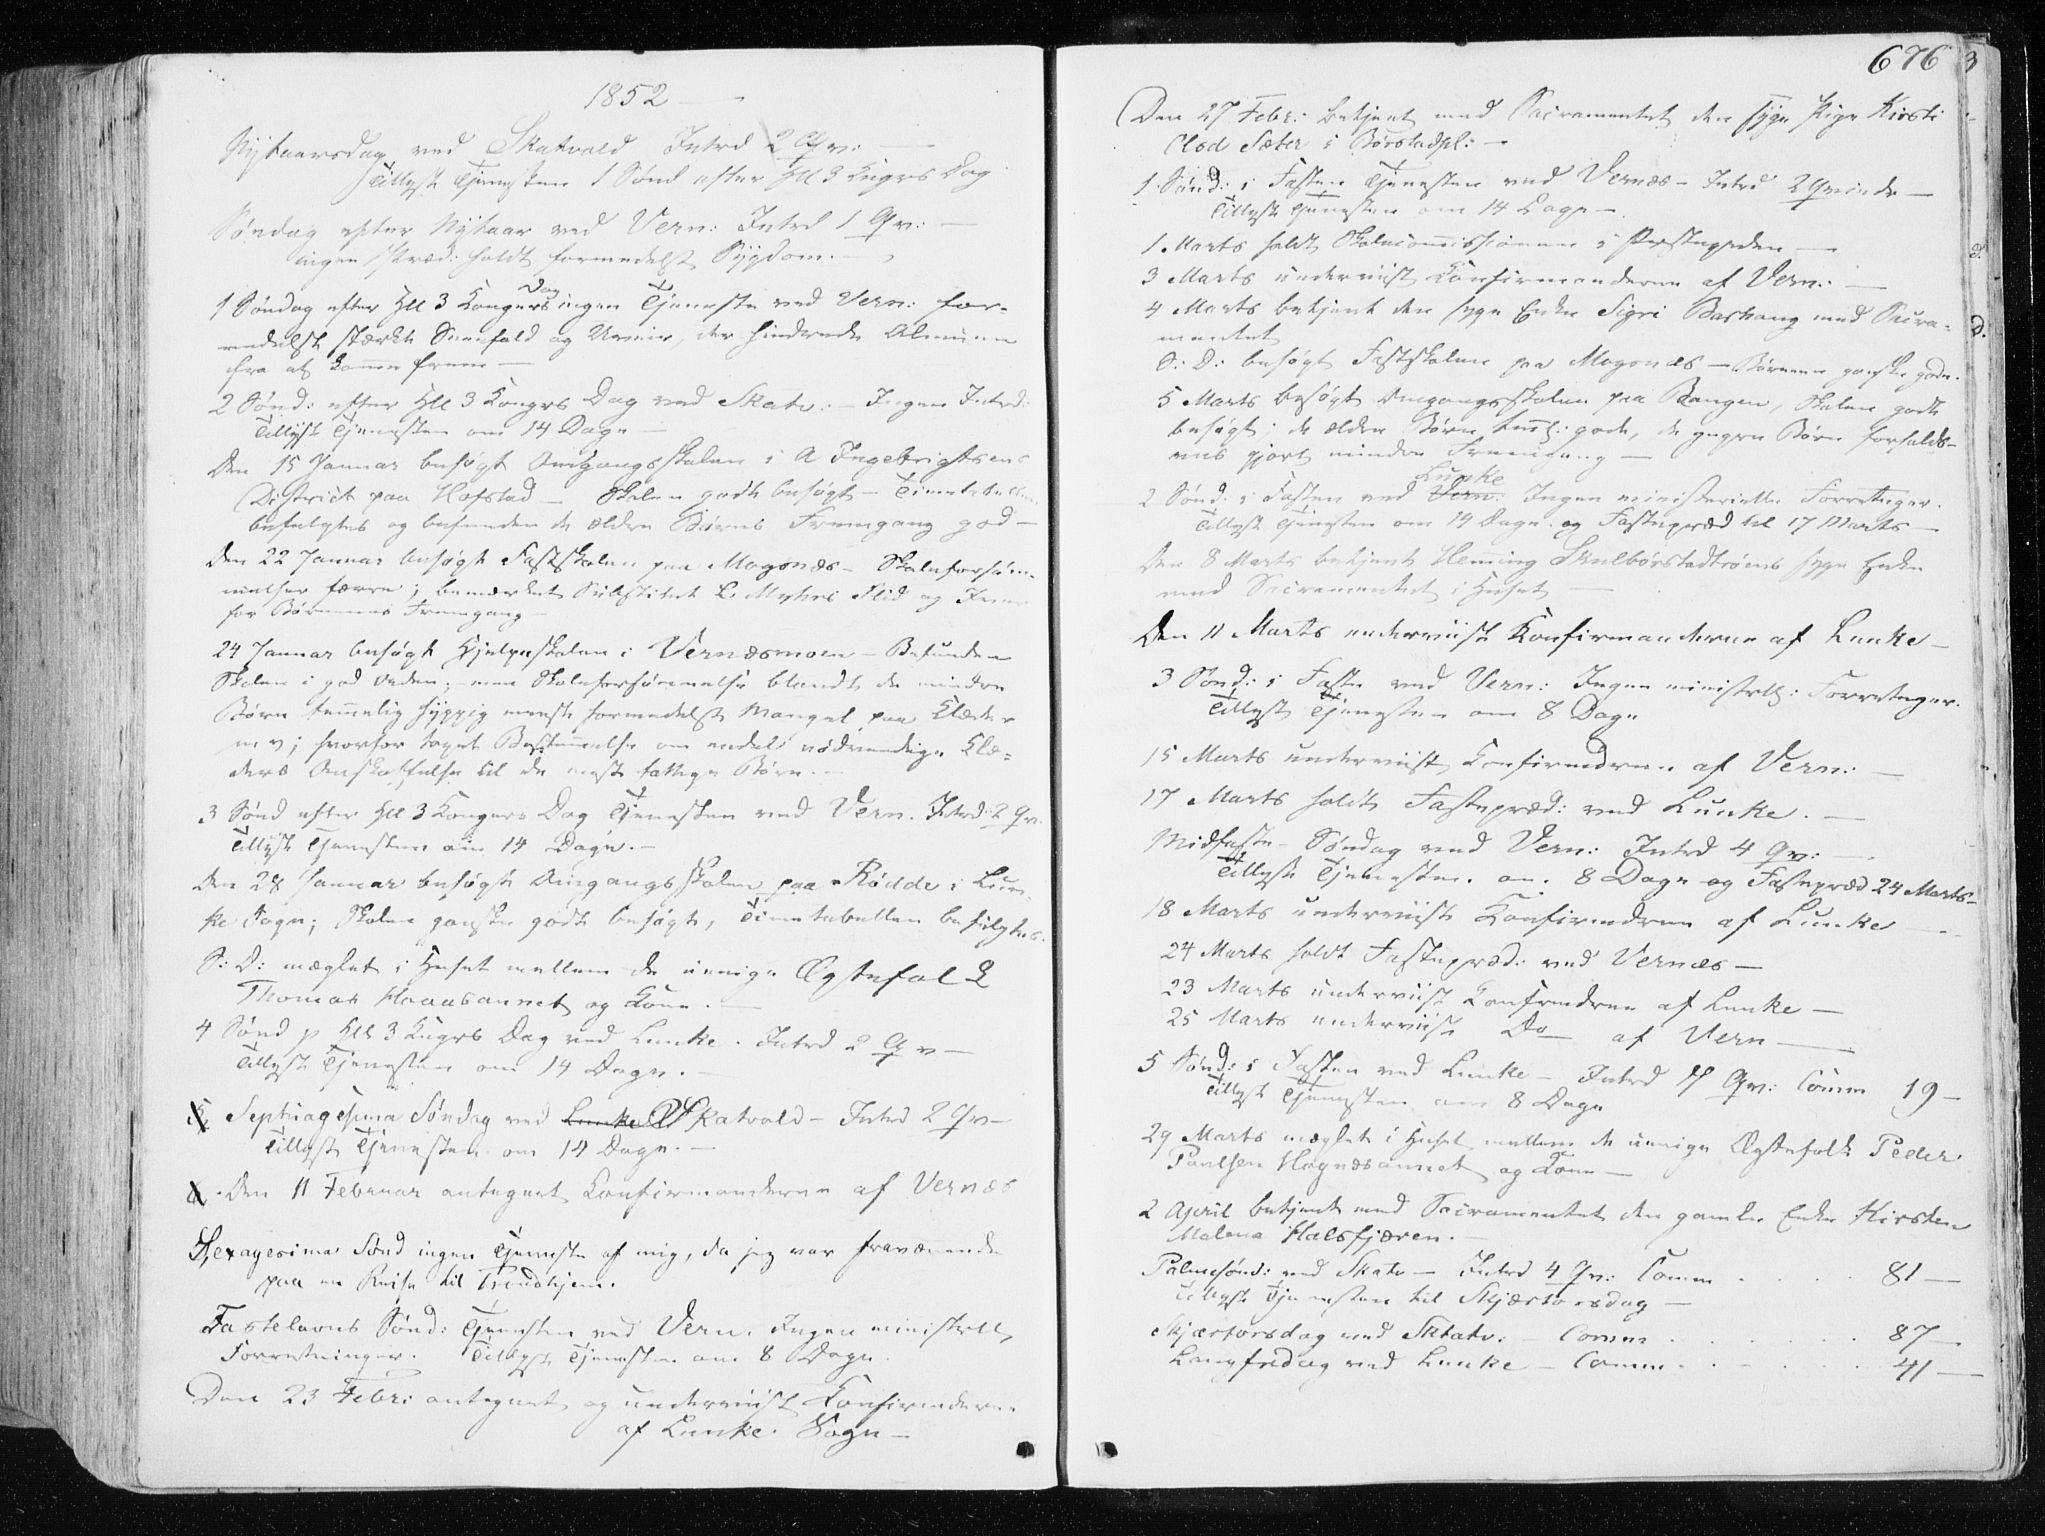 SAT, Ministerialprotokoller, klokkerbøker og fødselsregistre - Nord-Trøndelag, 709/L0074: Ministerialbok nr. 709A14, 1845-1858, s. 676